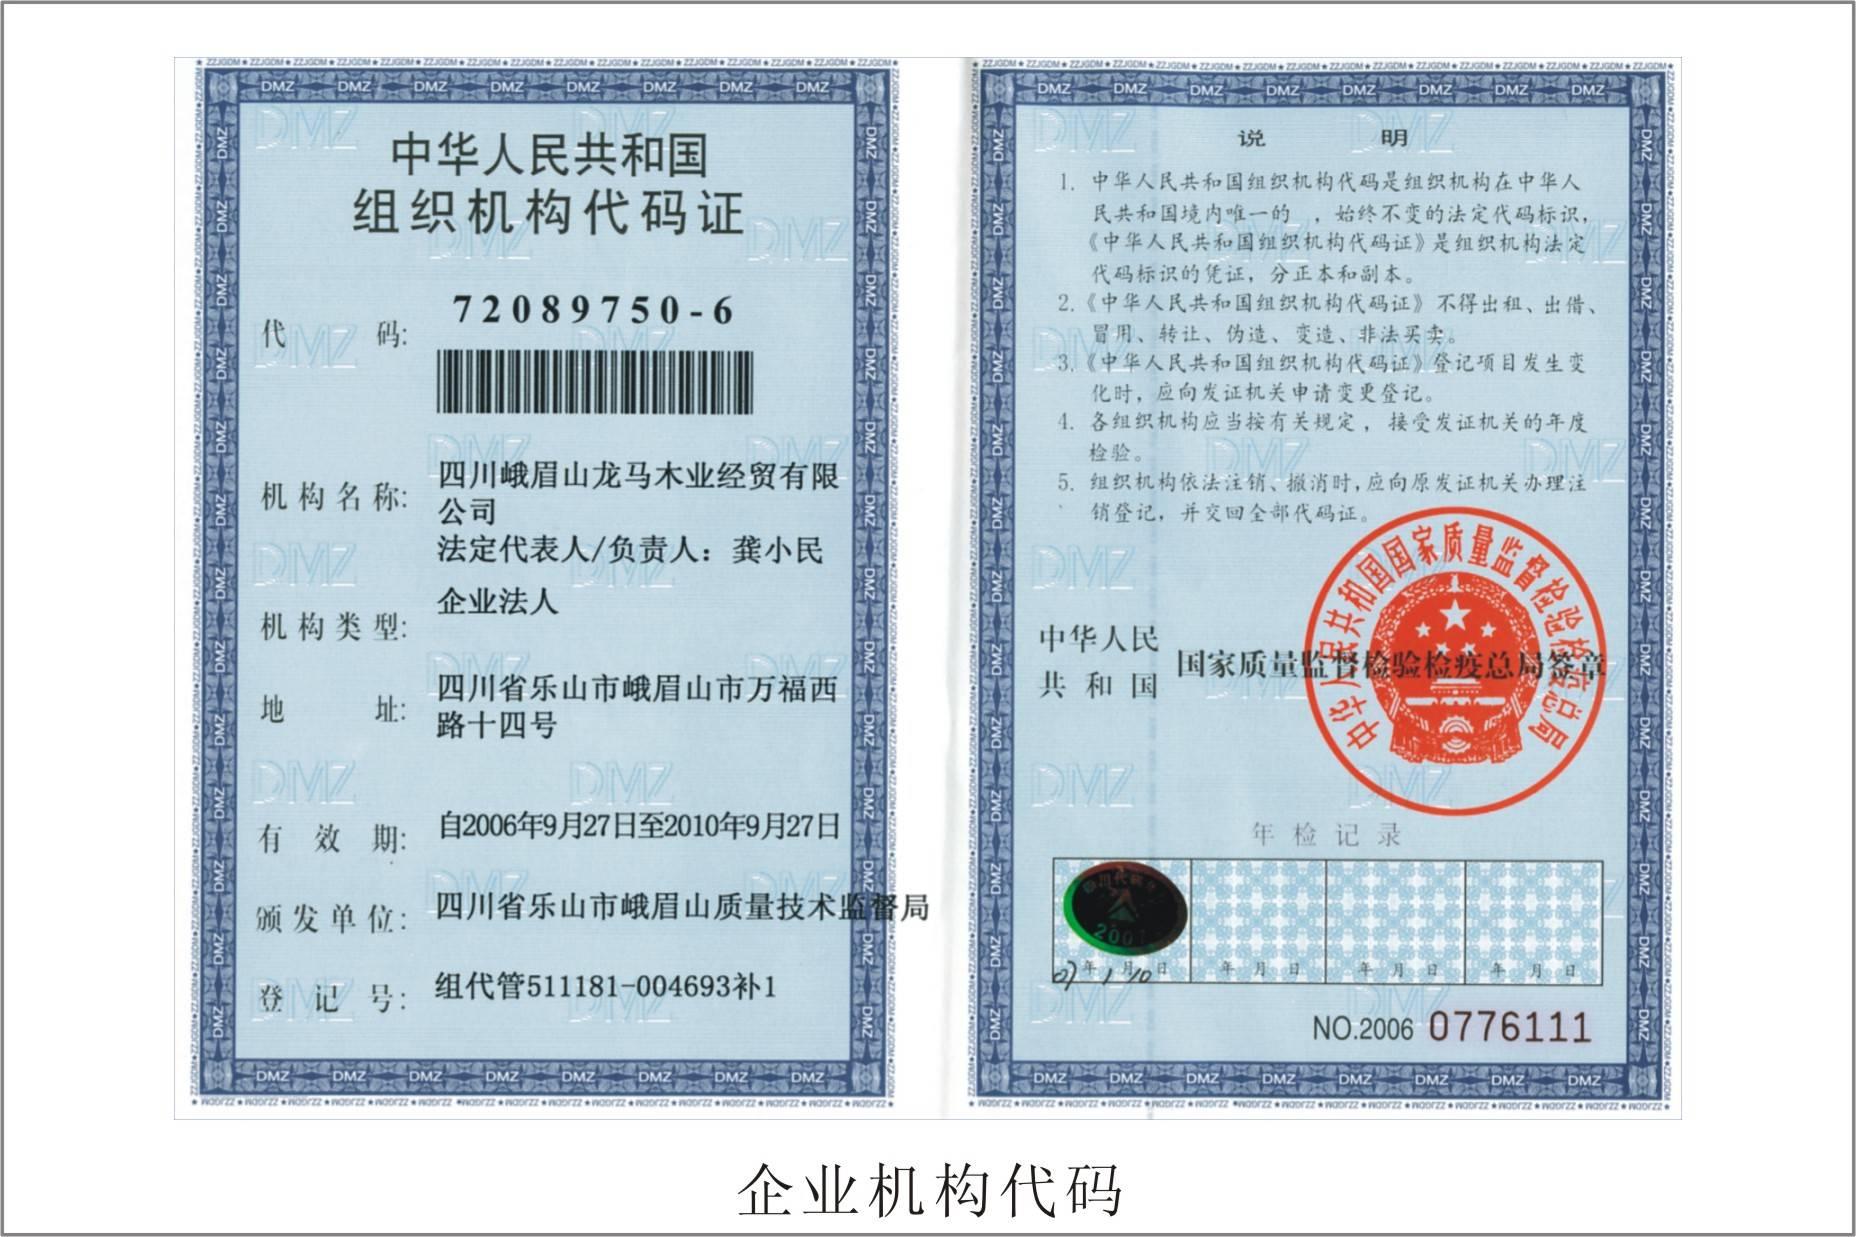 组织机构代码证 - 四川峨眉山龙马木业有限公司 - 九